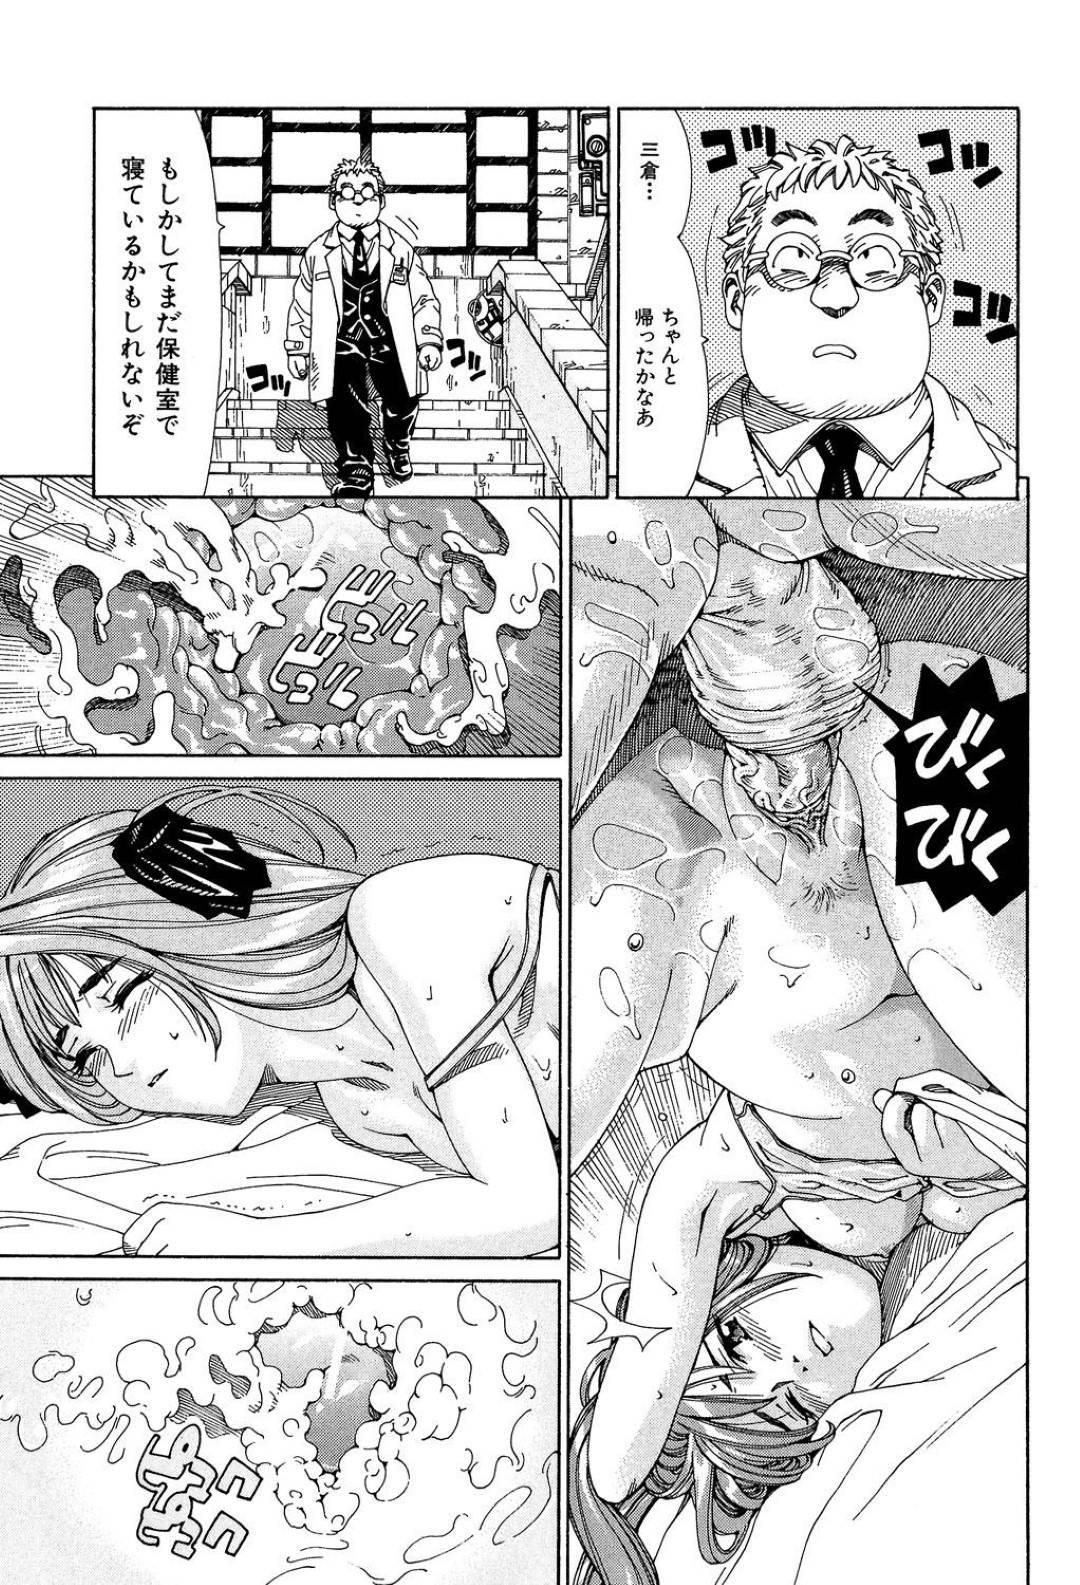 【エロ漫画】風邪で寝込んだまま保健室でオナニー始めてしまうJK…心配しにきた彼氏と2人きりの保健室でイチャラブ連続イキSEX!【世徒ゆうき:ベッドのぬくもり】